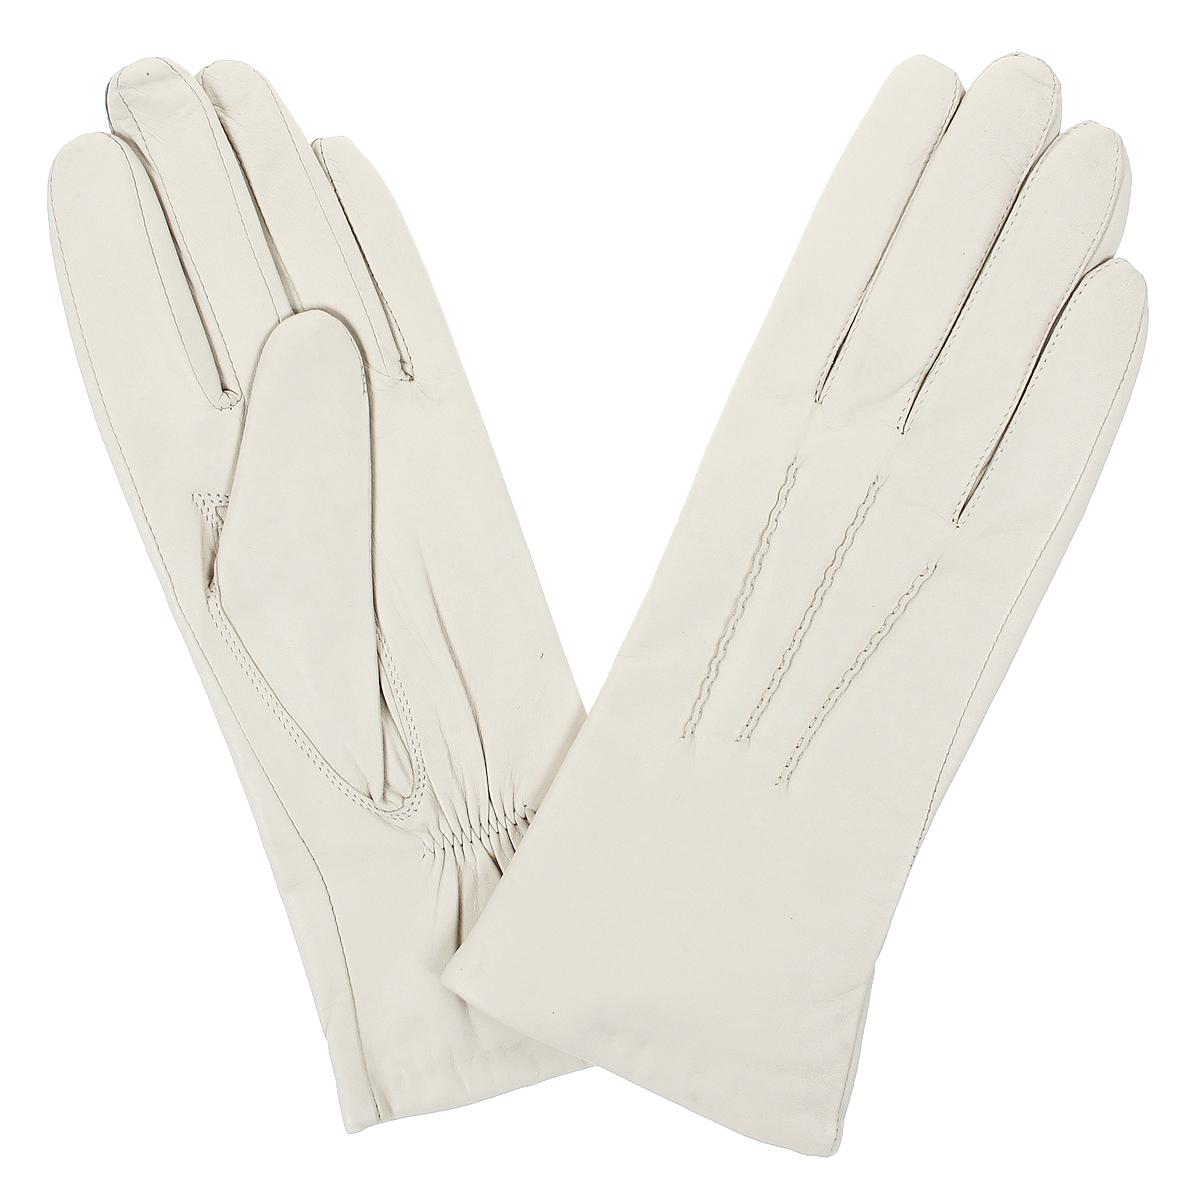 Перчатки женские. W804W804/10Стильные женские перчатки Baggini не только защитят ваши руки от холода, но и станут великолепным украшением. Перчатки выполнены из чрезвычайно мягкой и приятной на ощупь натуральной кожи, а их подкладка - из натуральной шерсти. На внутренней стороне под большим пальцем перчатки присборены на резинку. Лицевая сторона оформлена выпуклыми декоративными швами. В настоящее время перчатки являются неотъемлемой принадлежностью одежды, вместе с этим аксессуаром вы обретаете женственность и элегантность. Перчатки станут завершающим и подчеркивающим элементом вашего стиля и неповторимости.